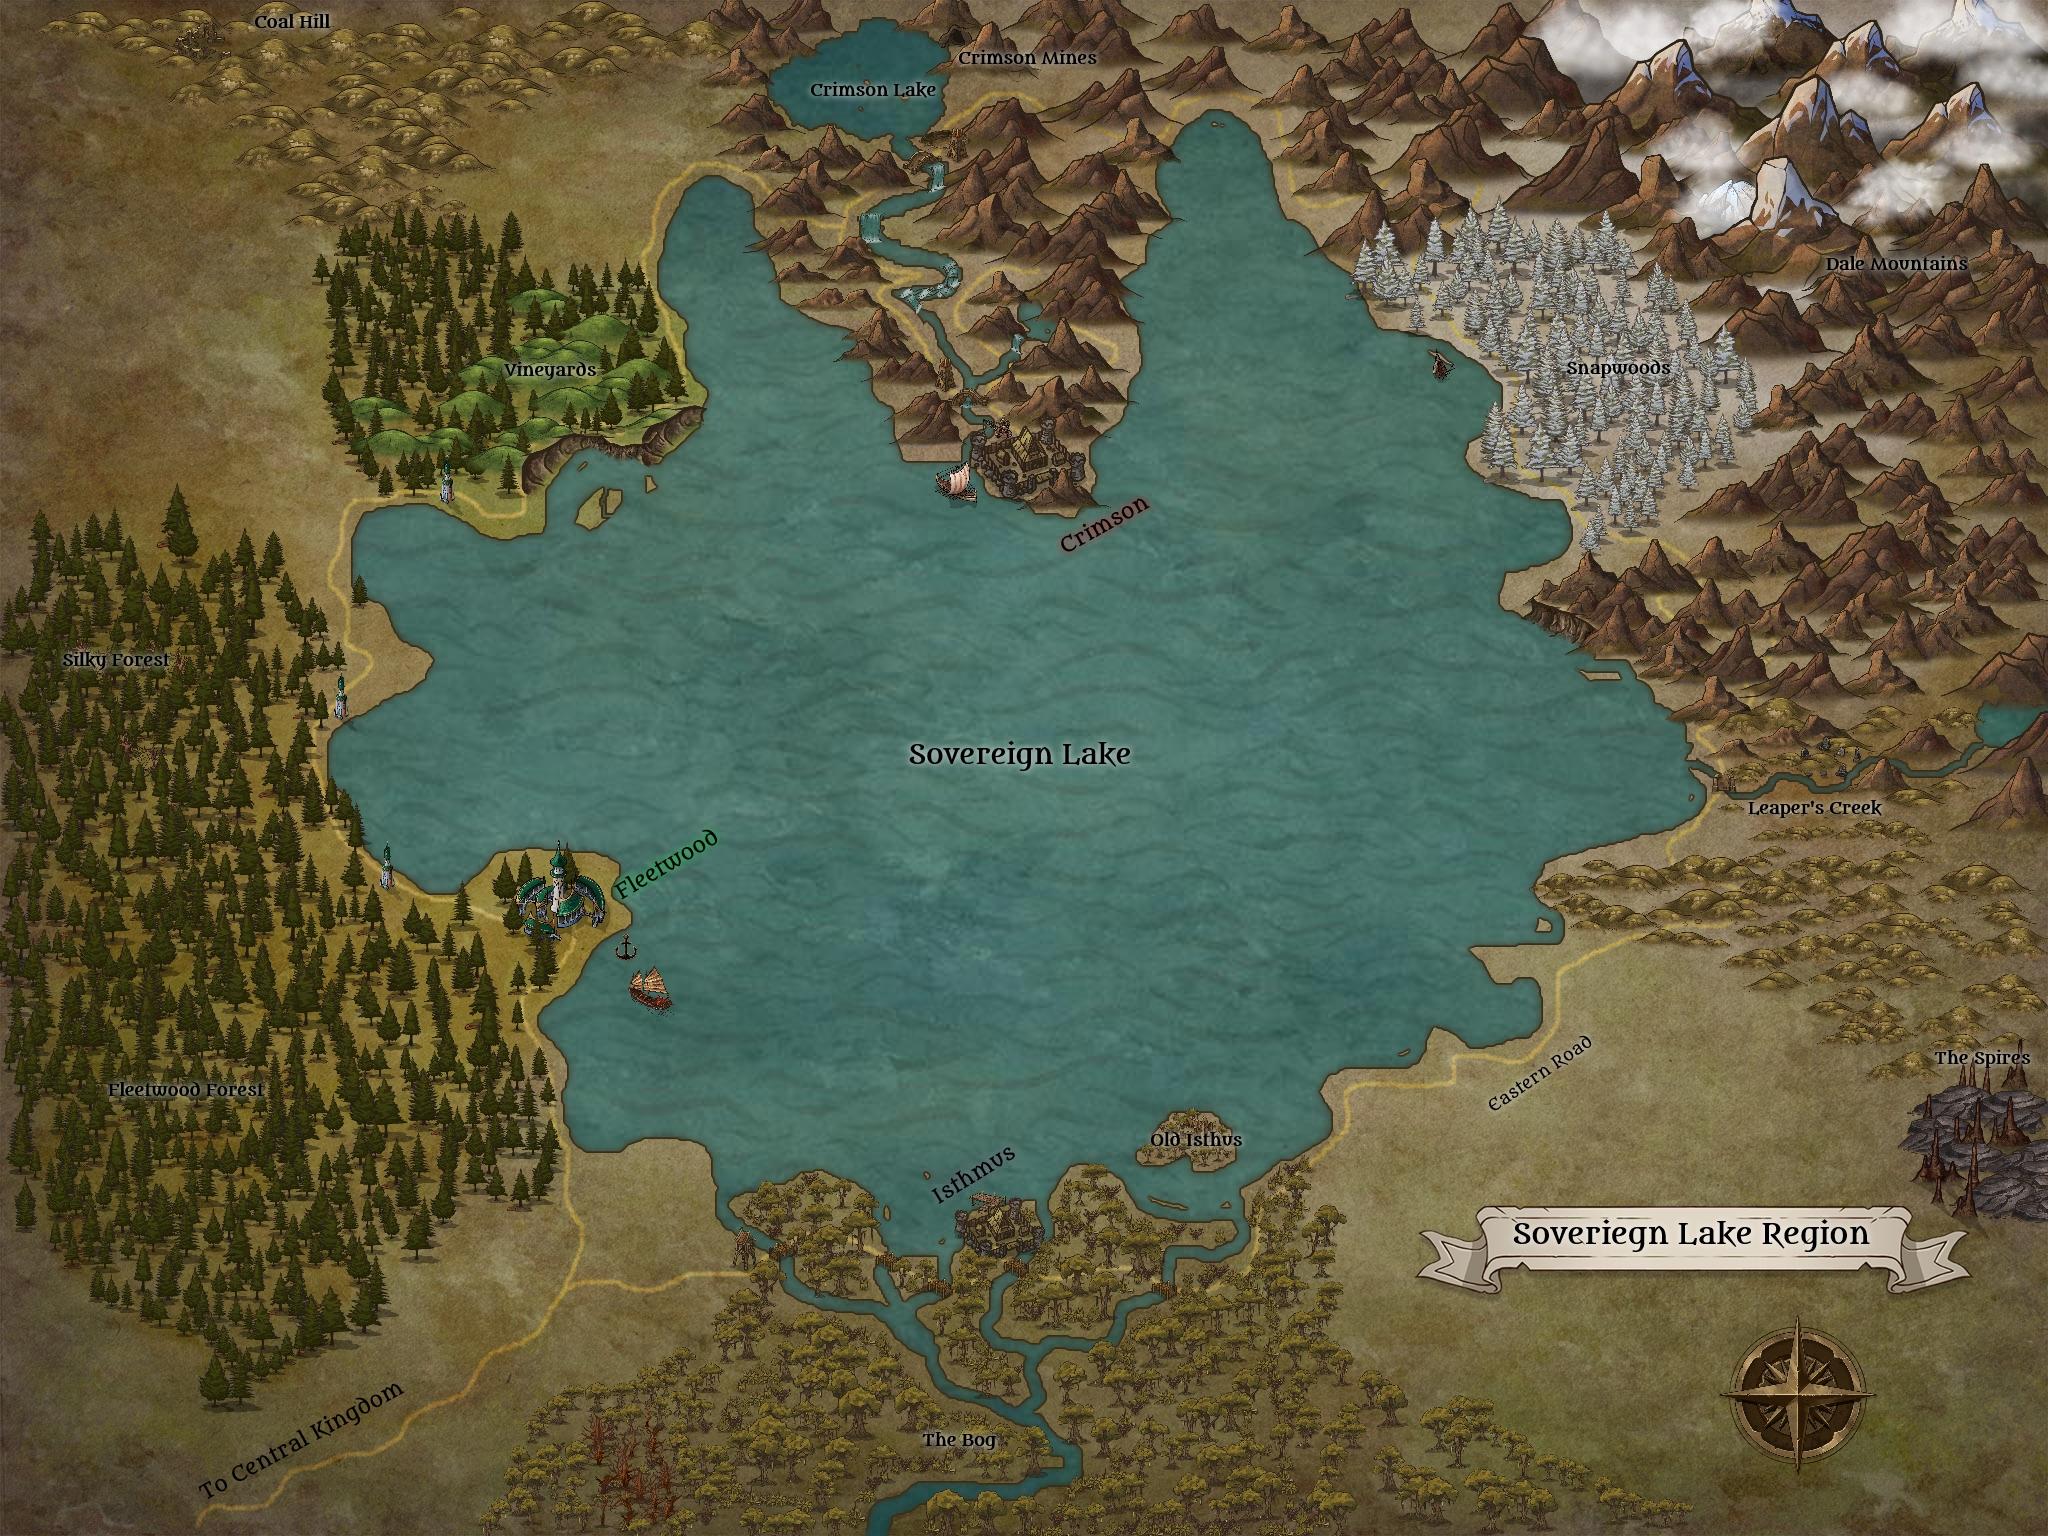 Sovereign Lake Region.jpg